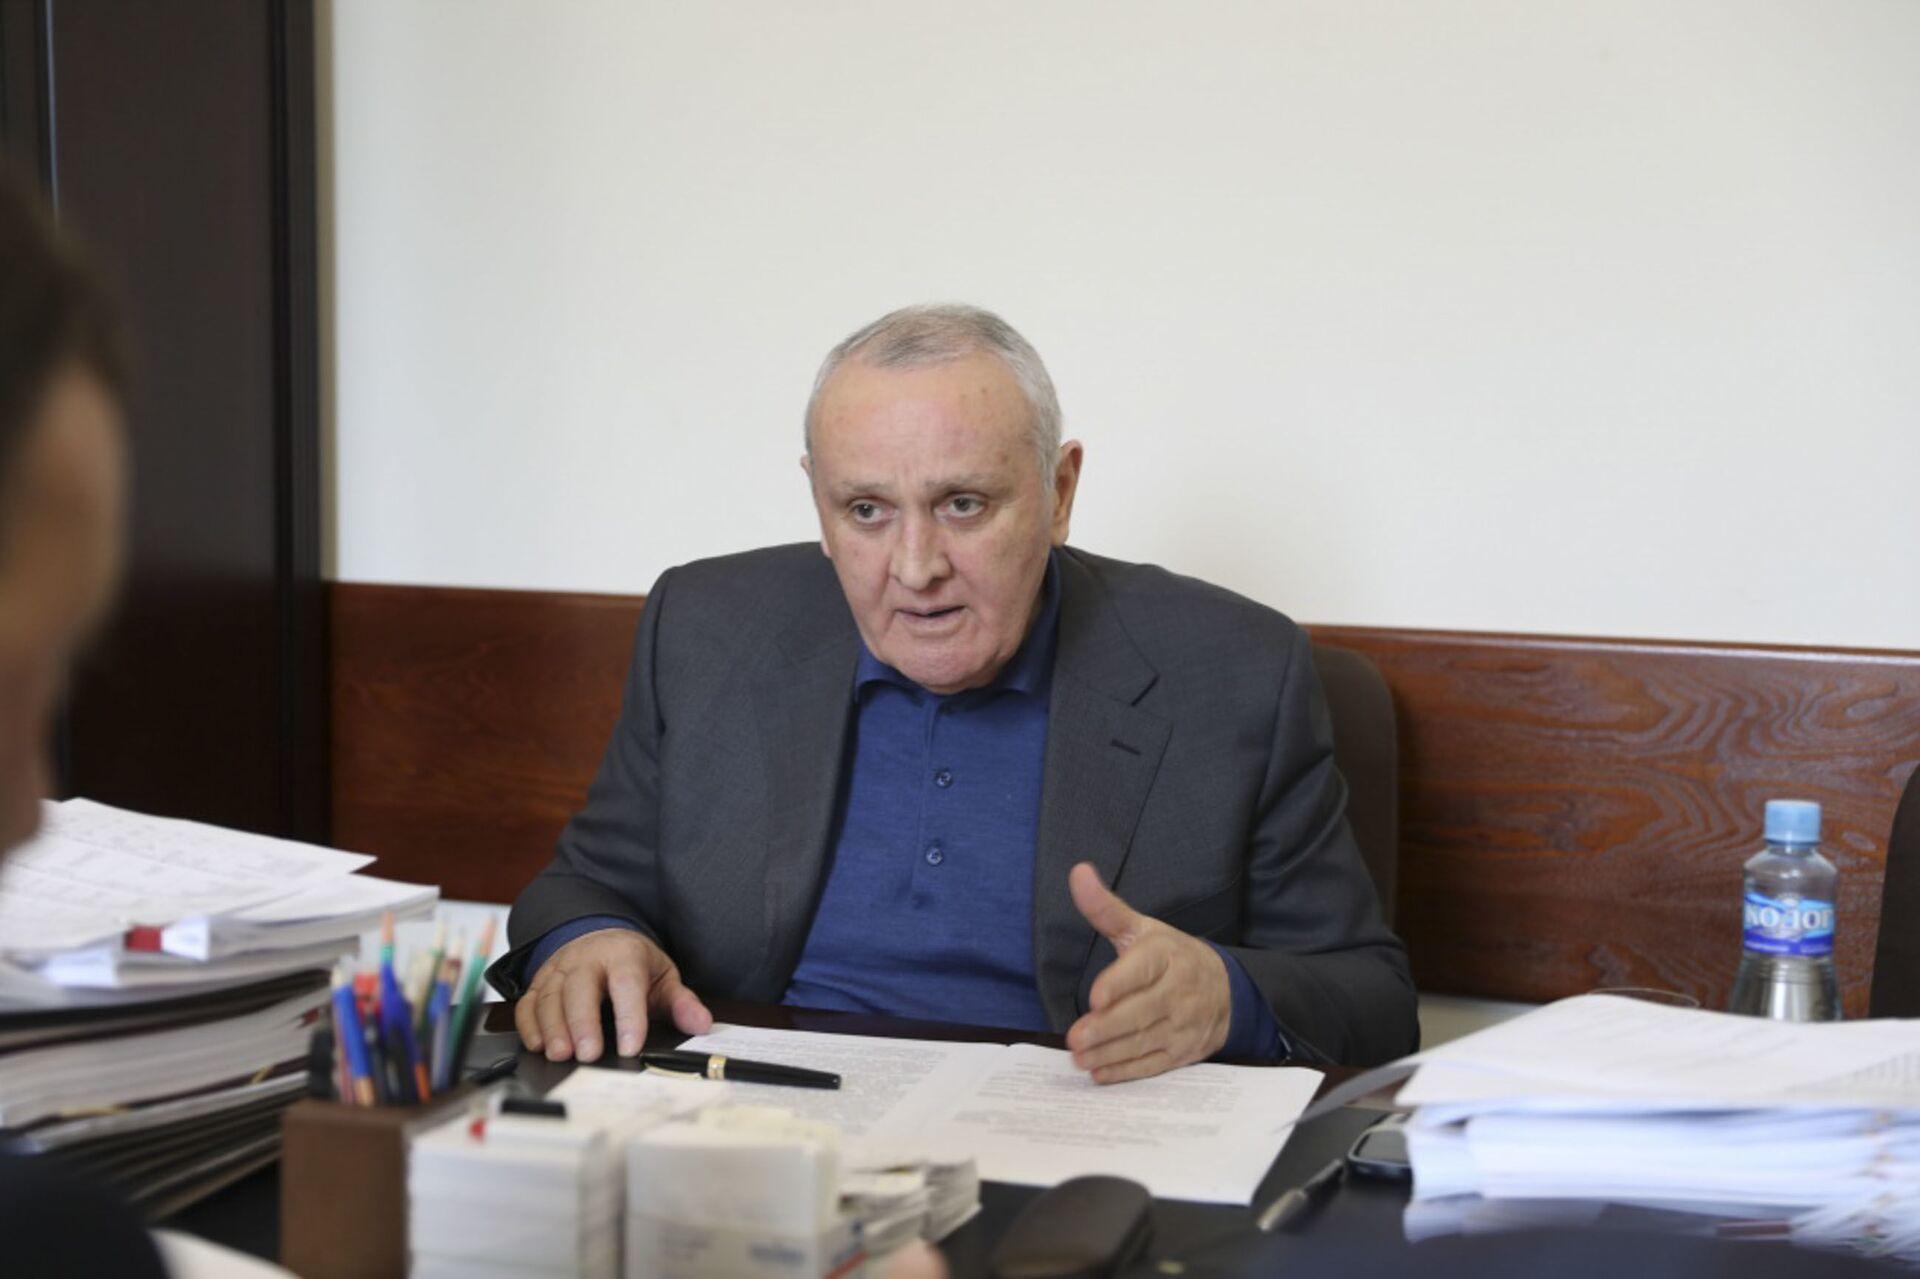 Премьер-министр Республики Абхазия Александр Анкваб провёл рабочее совещание - Sputnik Абхазия, 1920, 12.10.2021